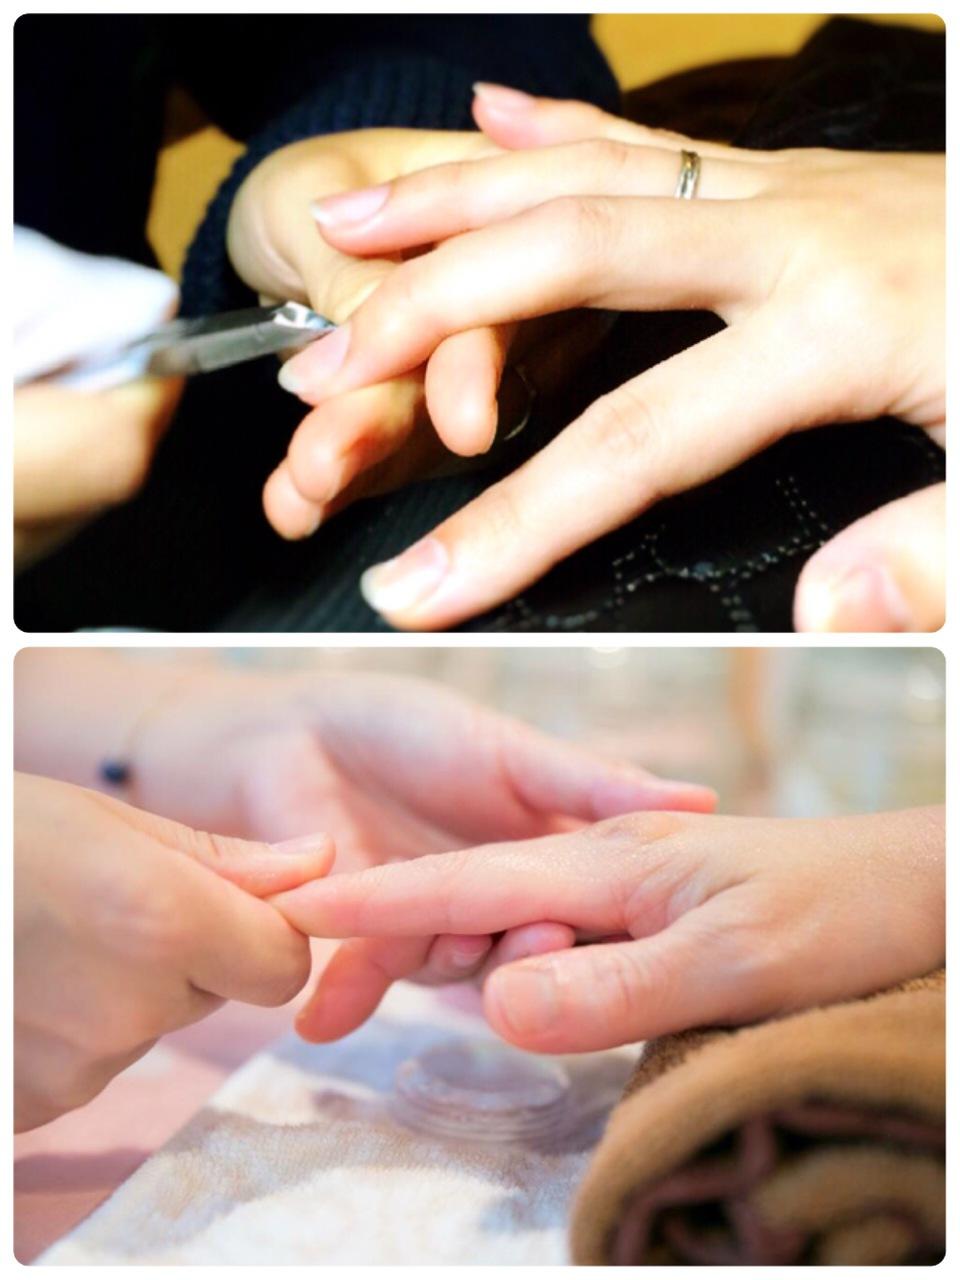 ネイルケア&ハンドケアで指先から綺麗に♪    nails M   with nanala